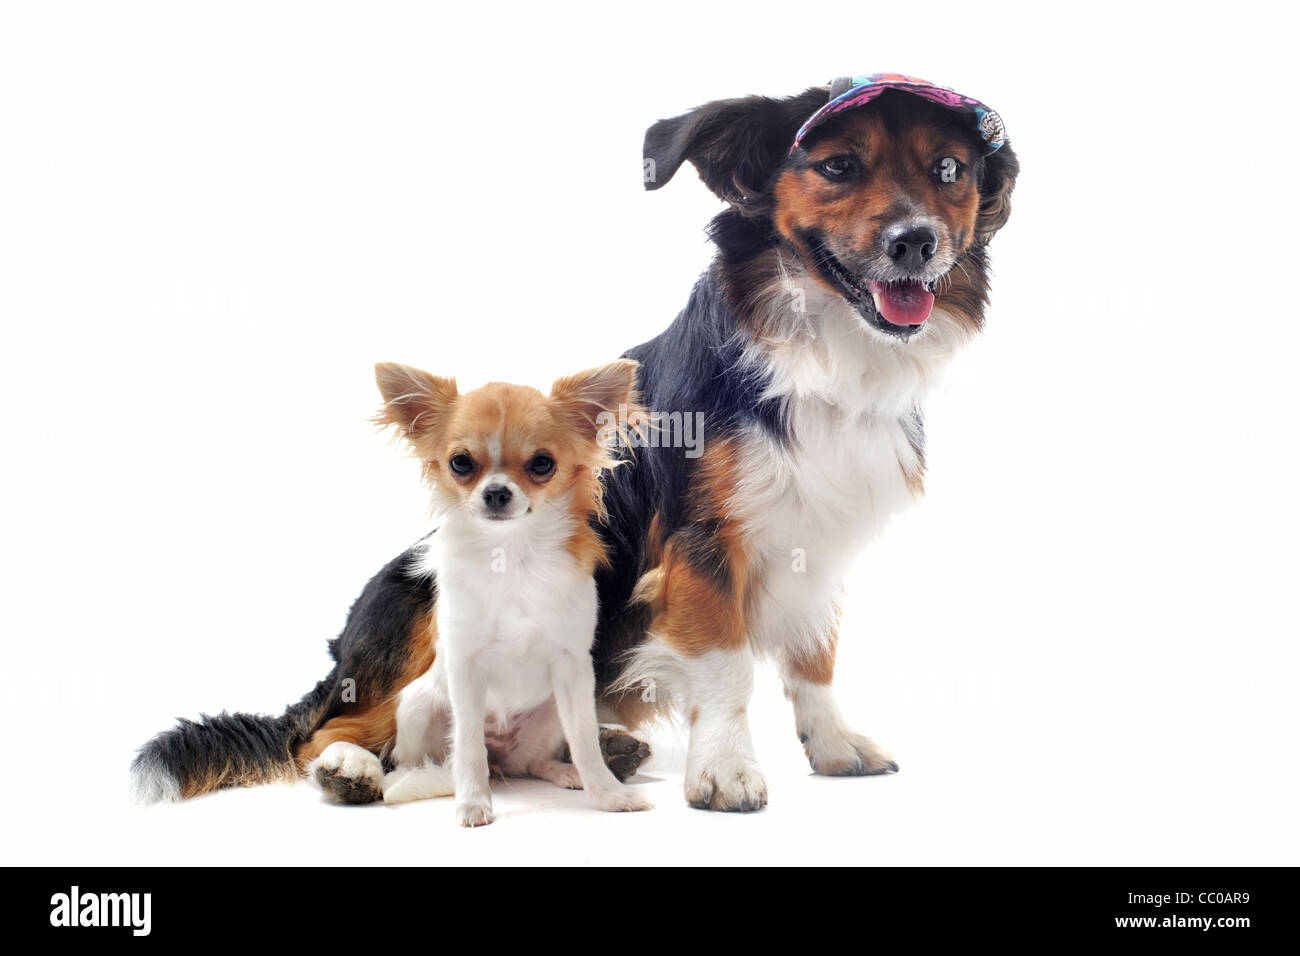 Retrato de un lindo cachorro de raza chihuahua y Pembroke Welsh Corgi delante de un fondo blanco Foto de stock